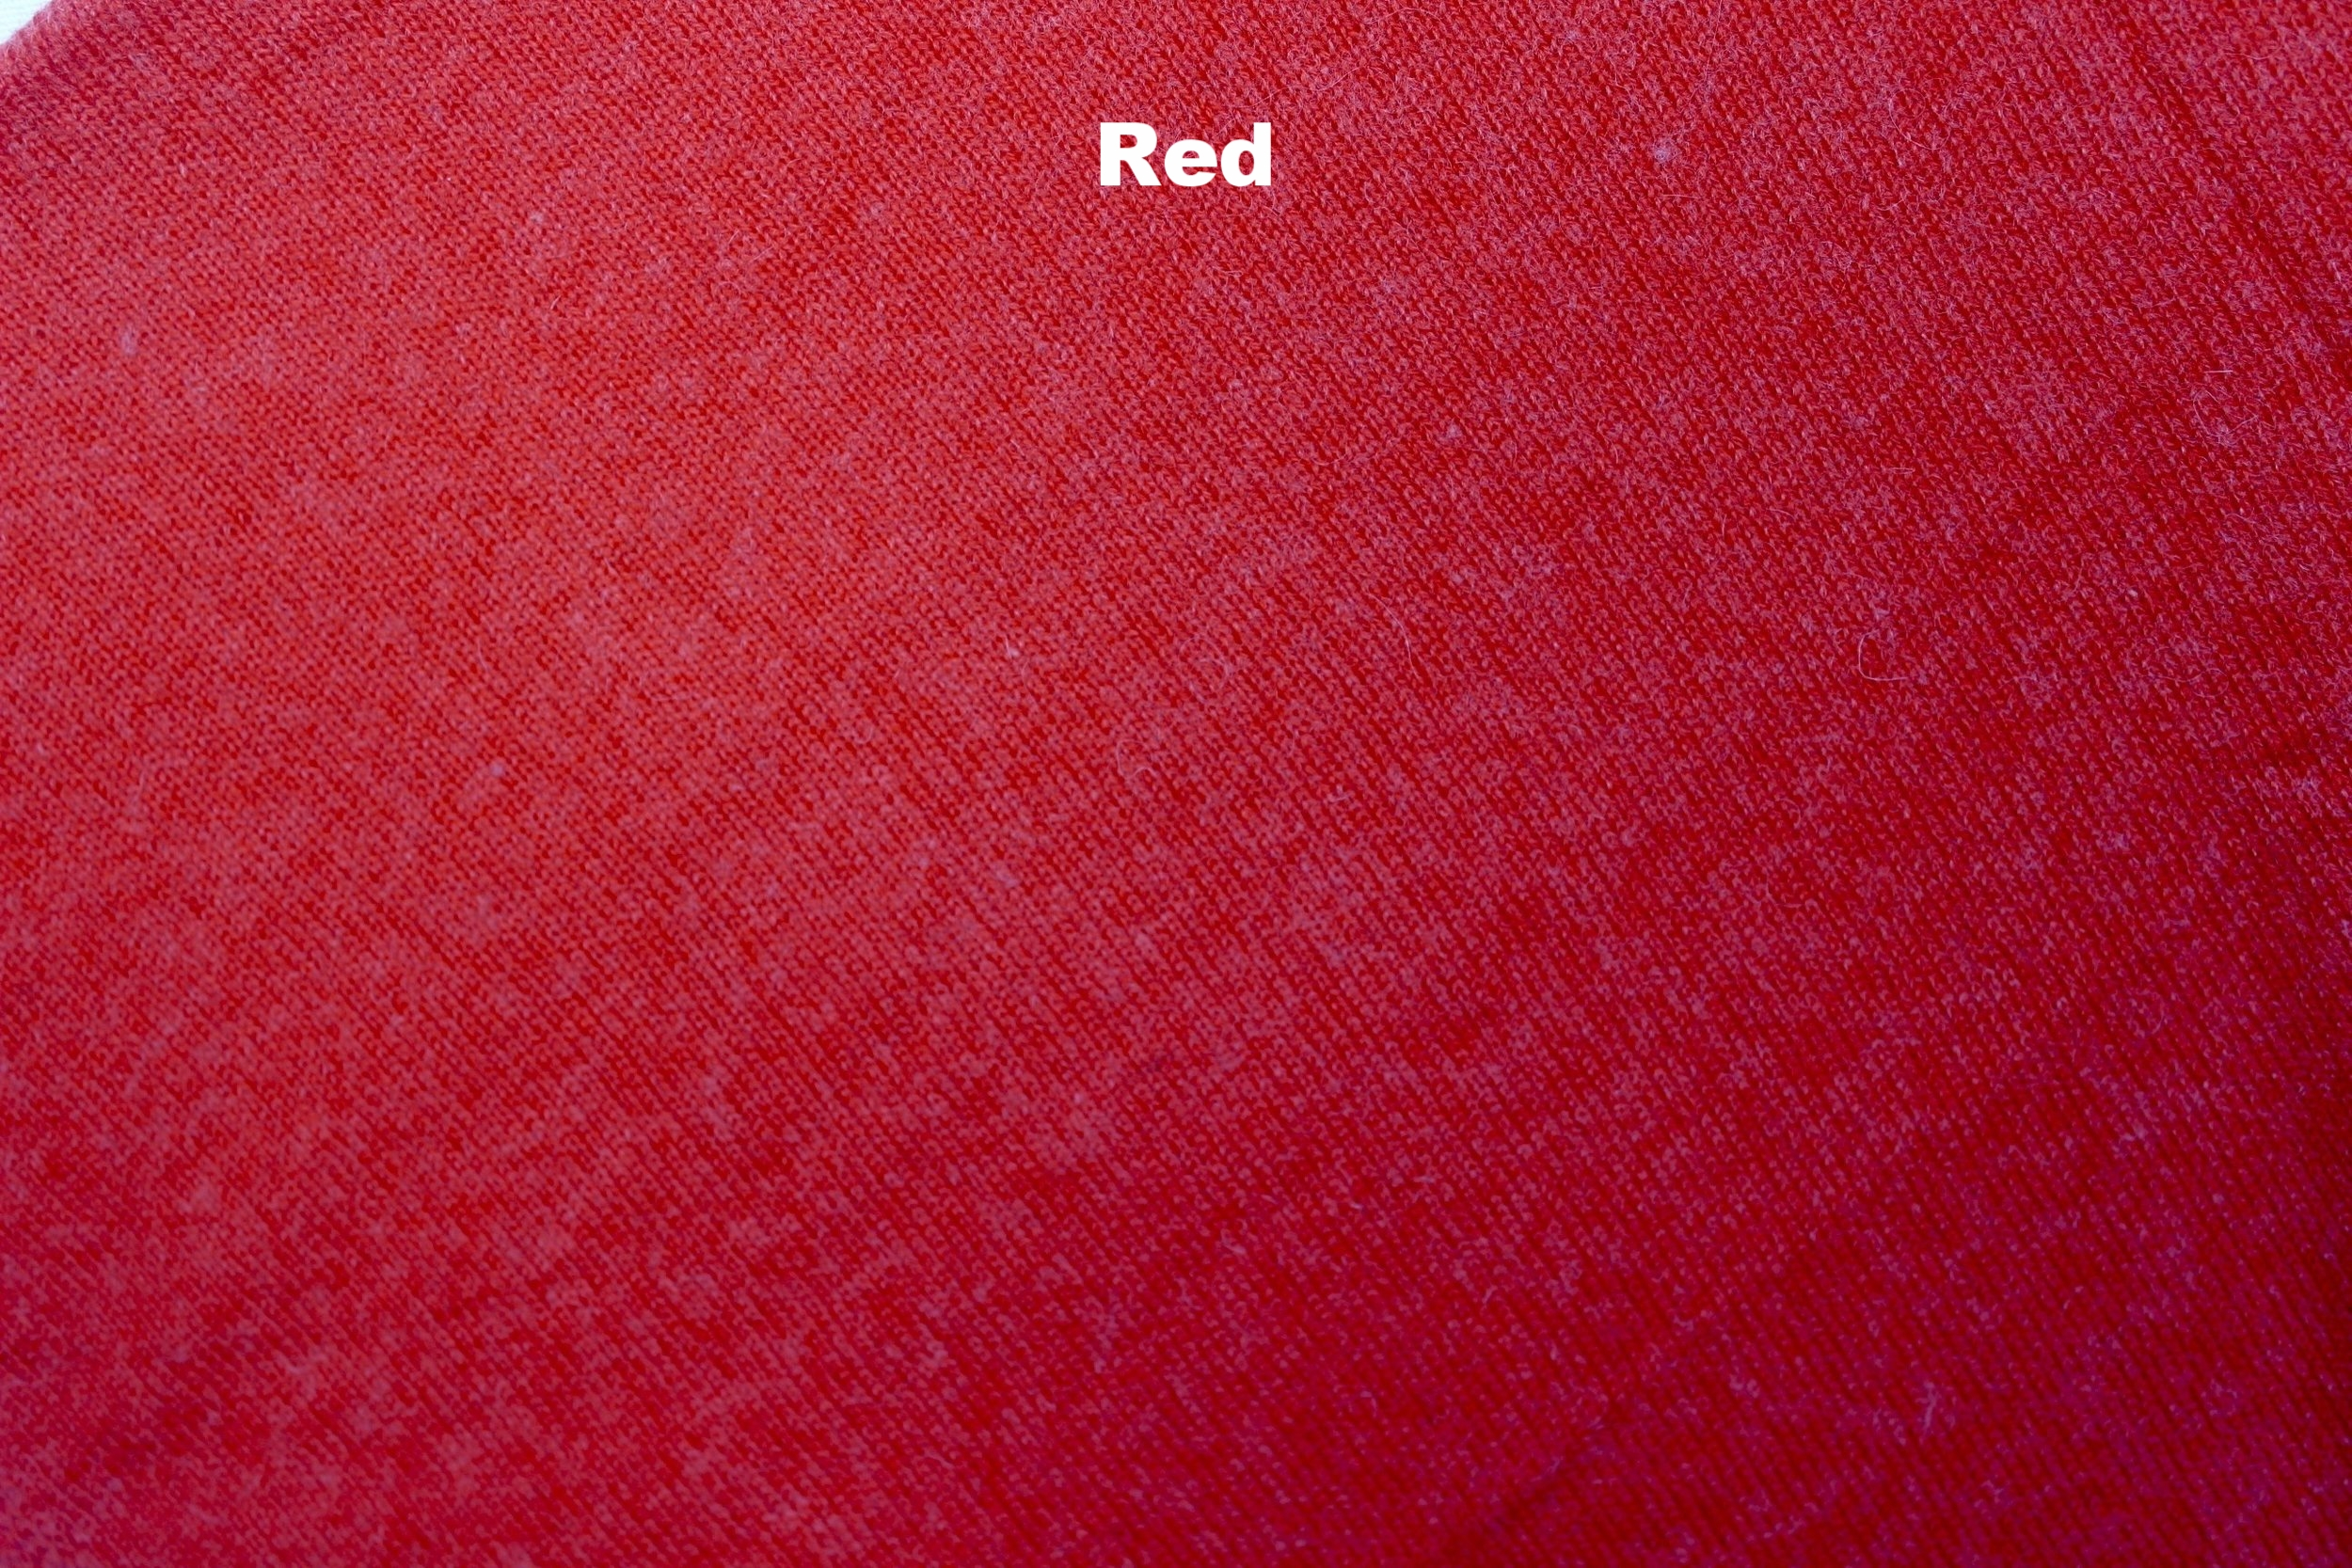 Red Swatch.jpg